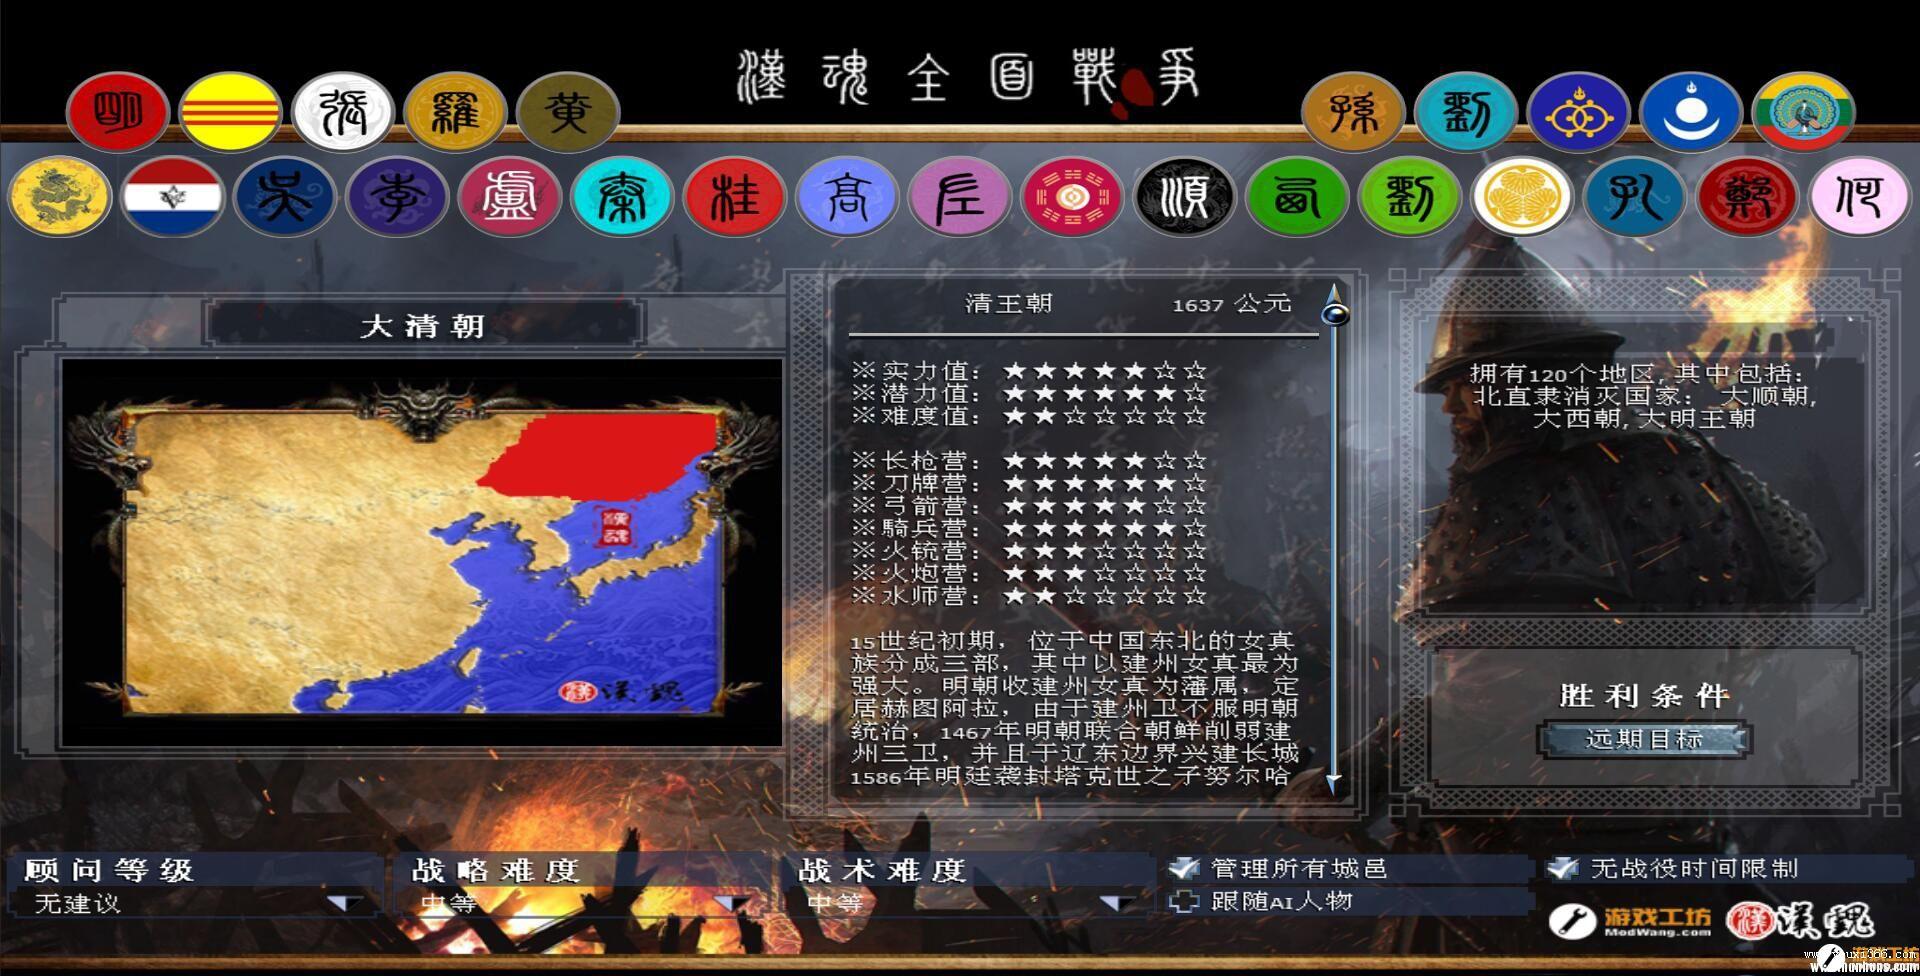 汉魂全面战争6.1会员版发布了!